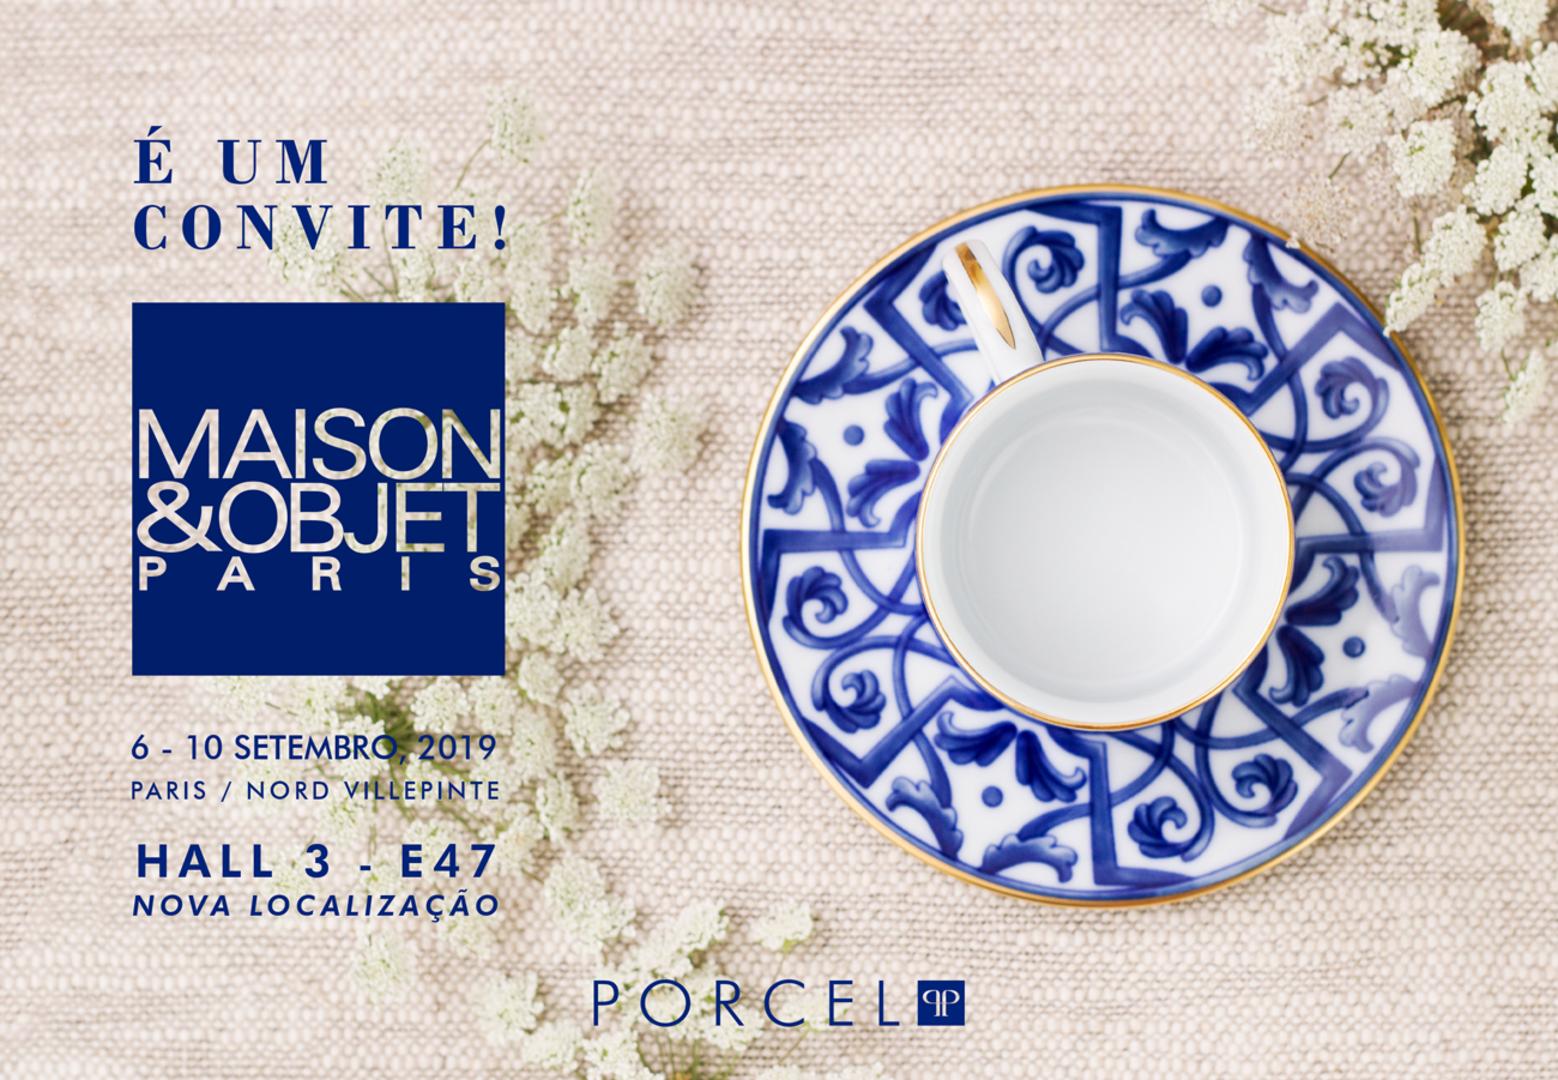 Maison & Objet - Paris 1